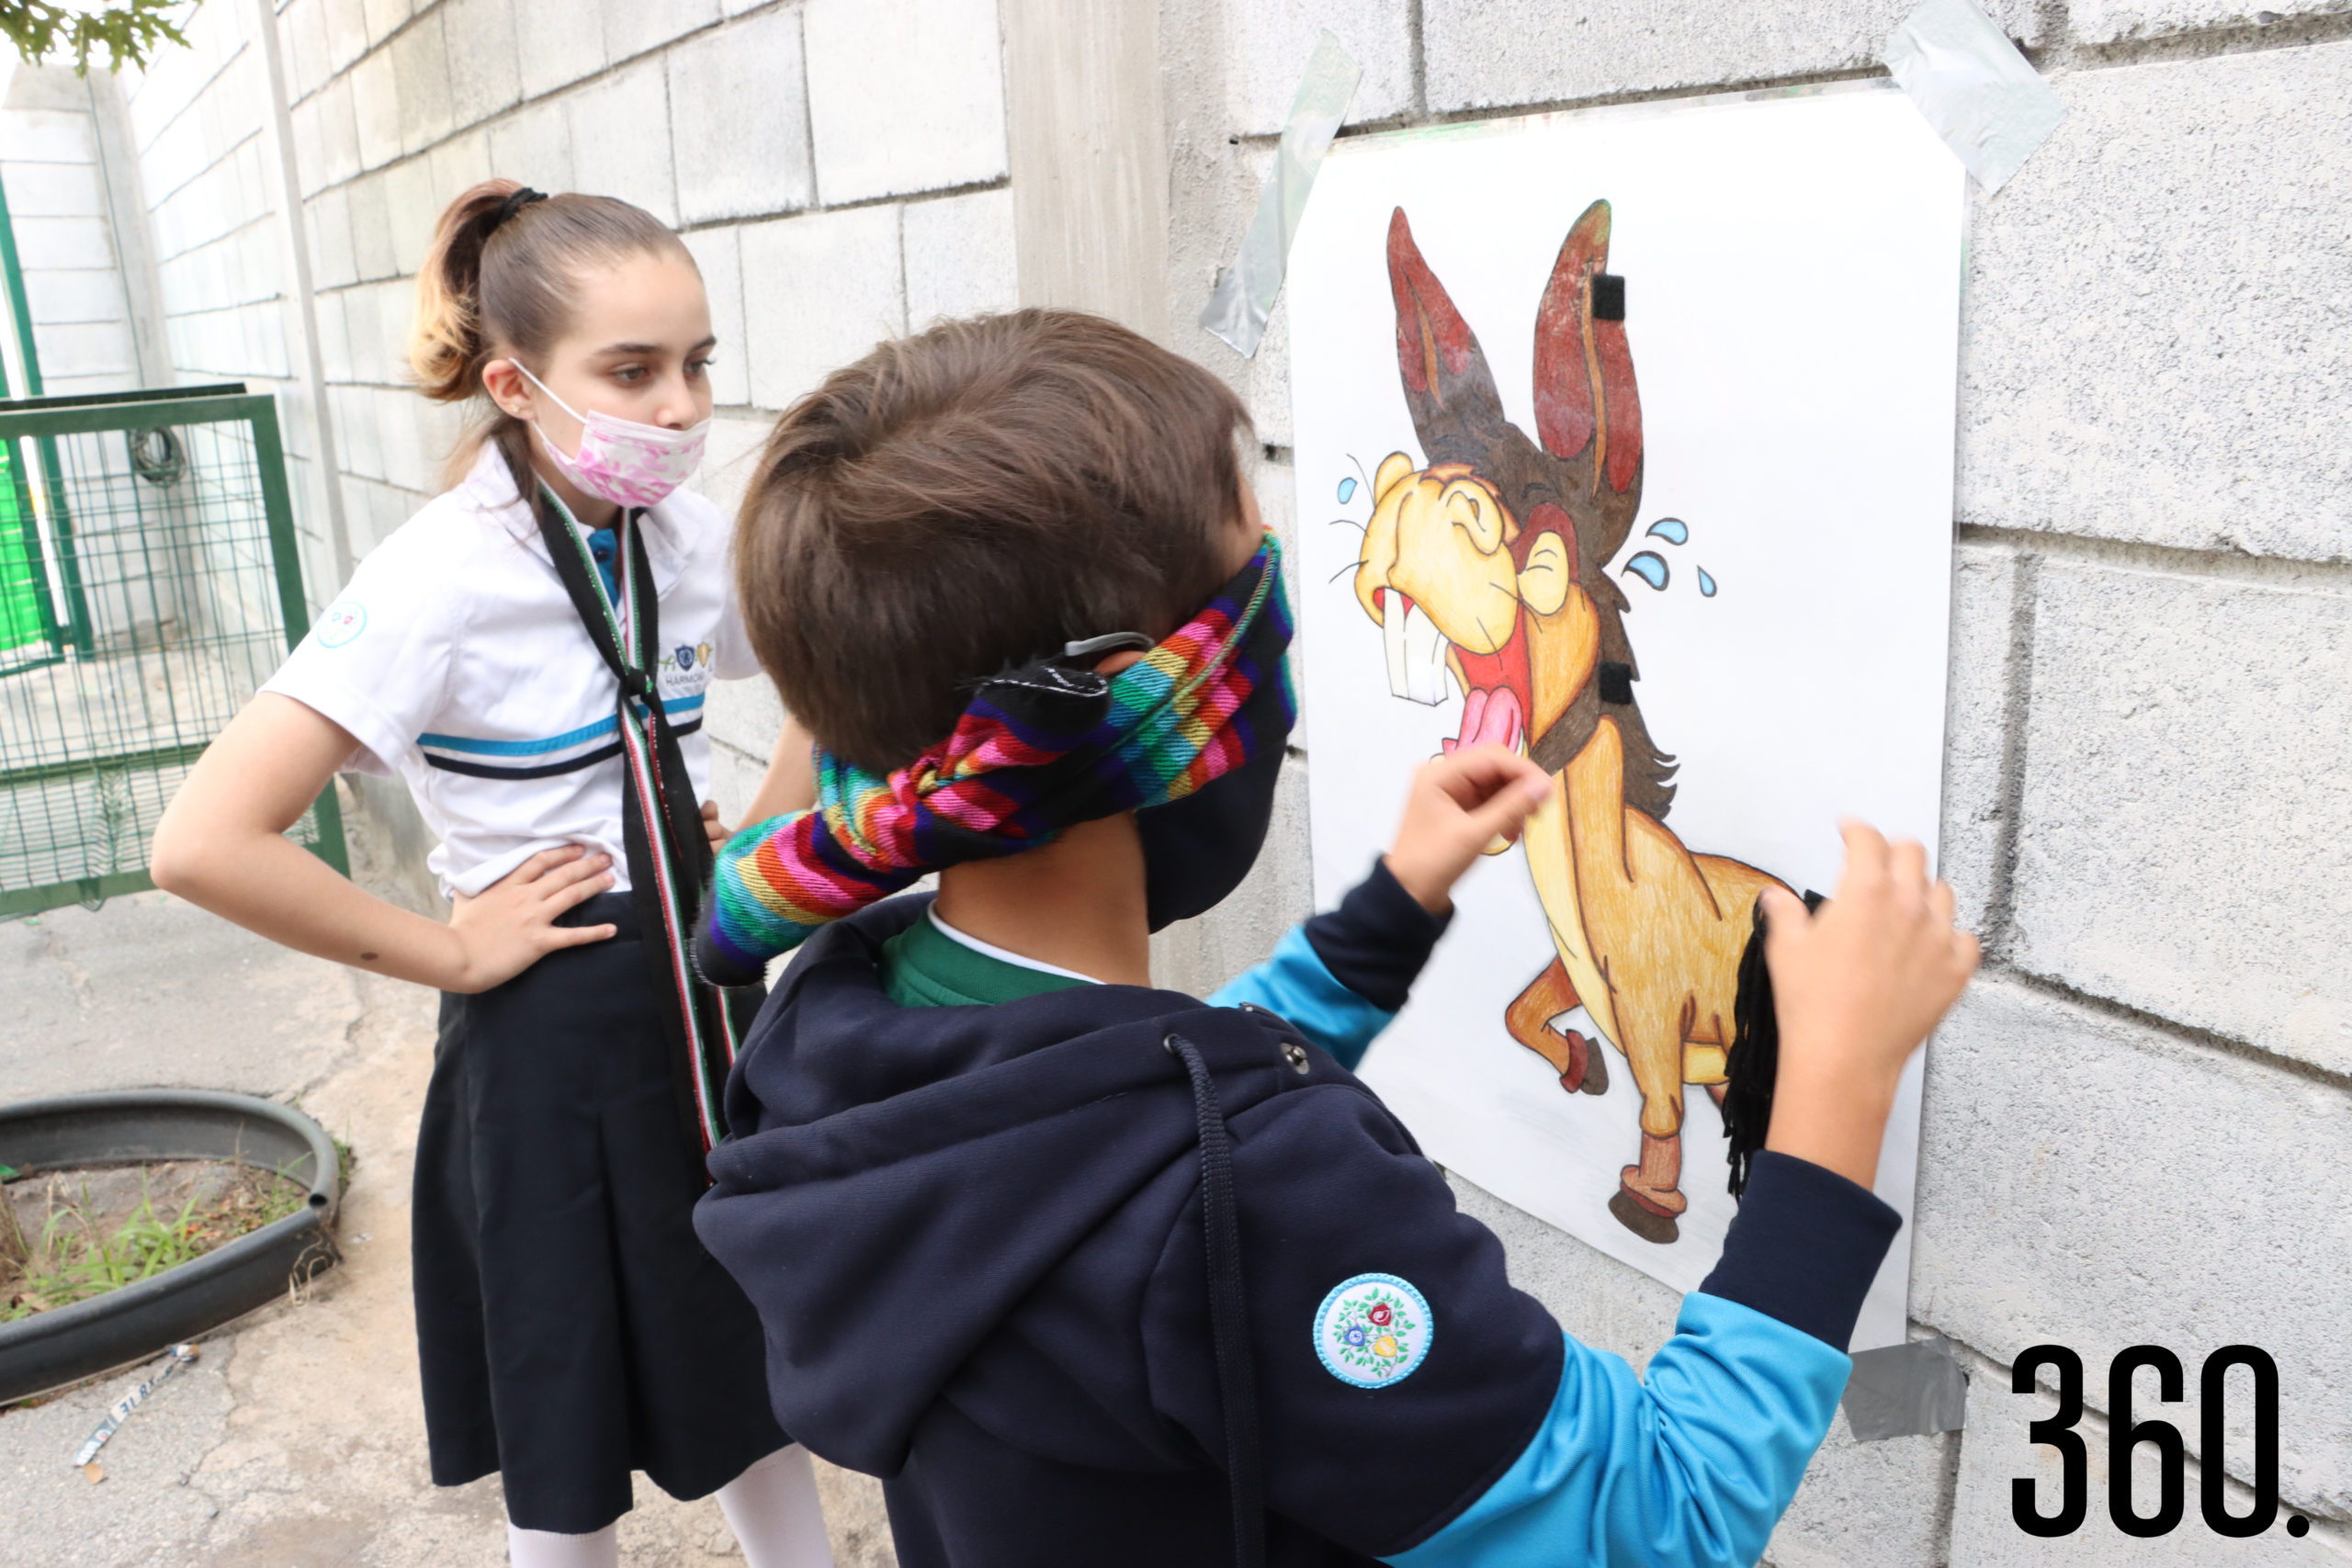 Los niños jugando ponle la cola al burro.